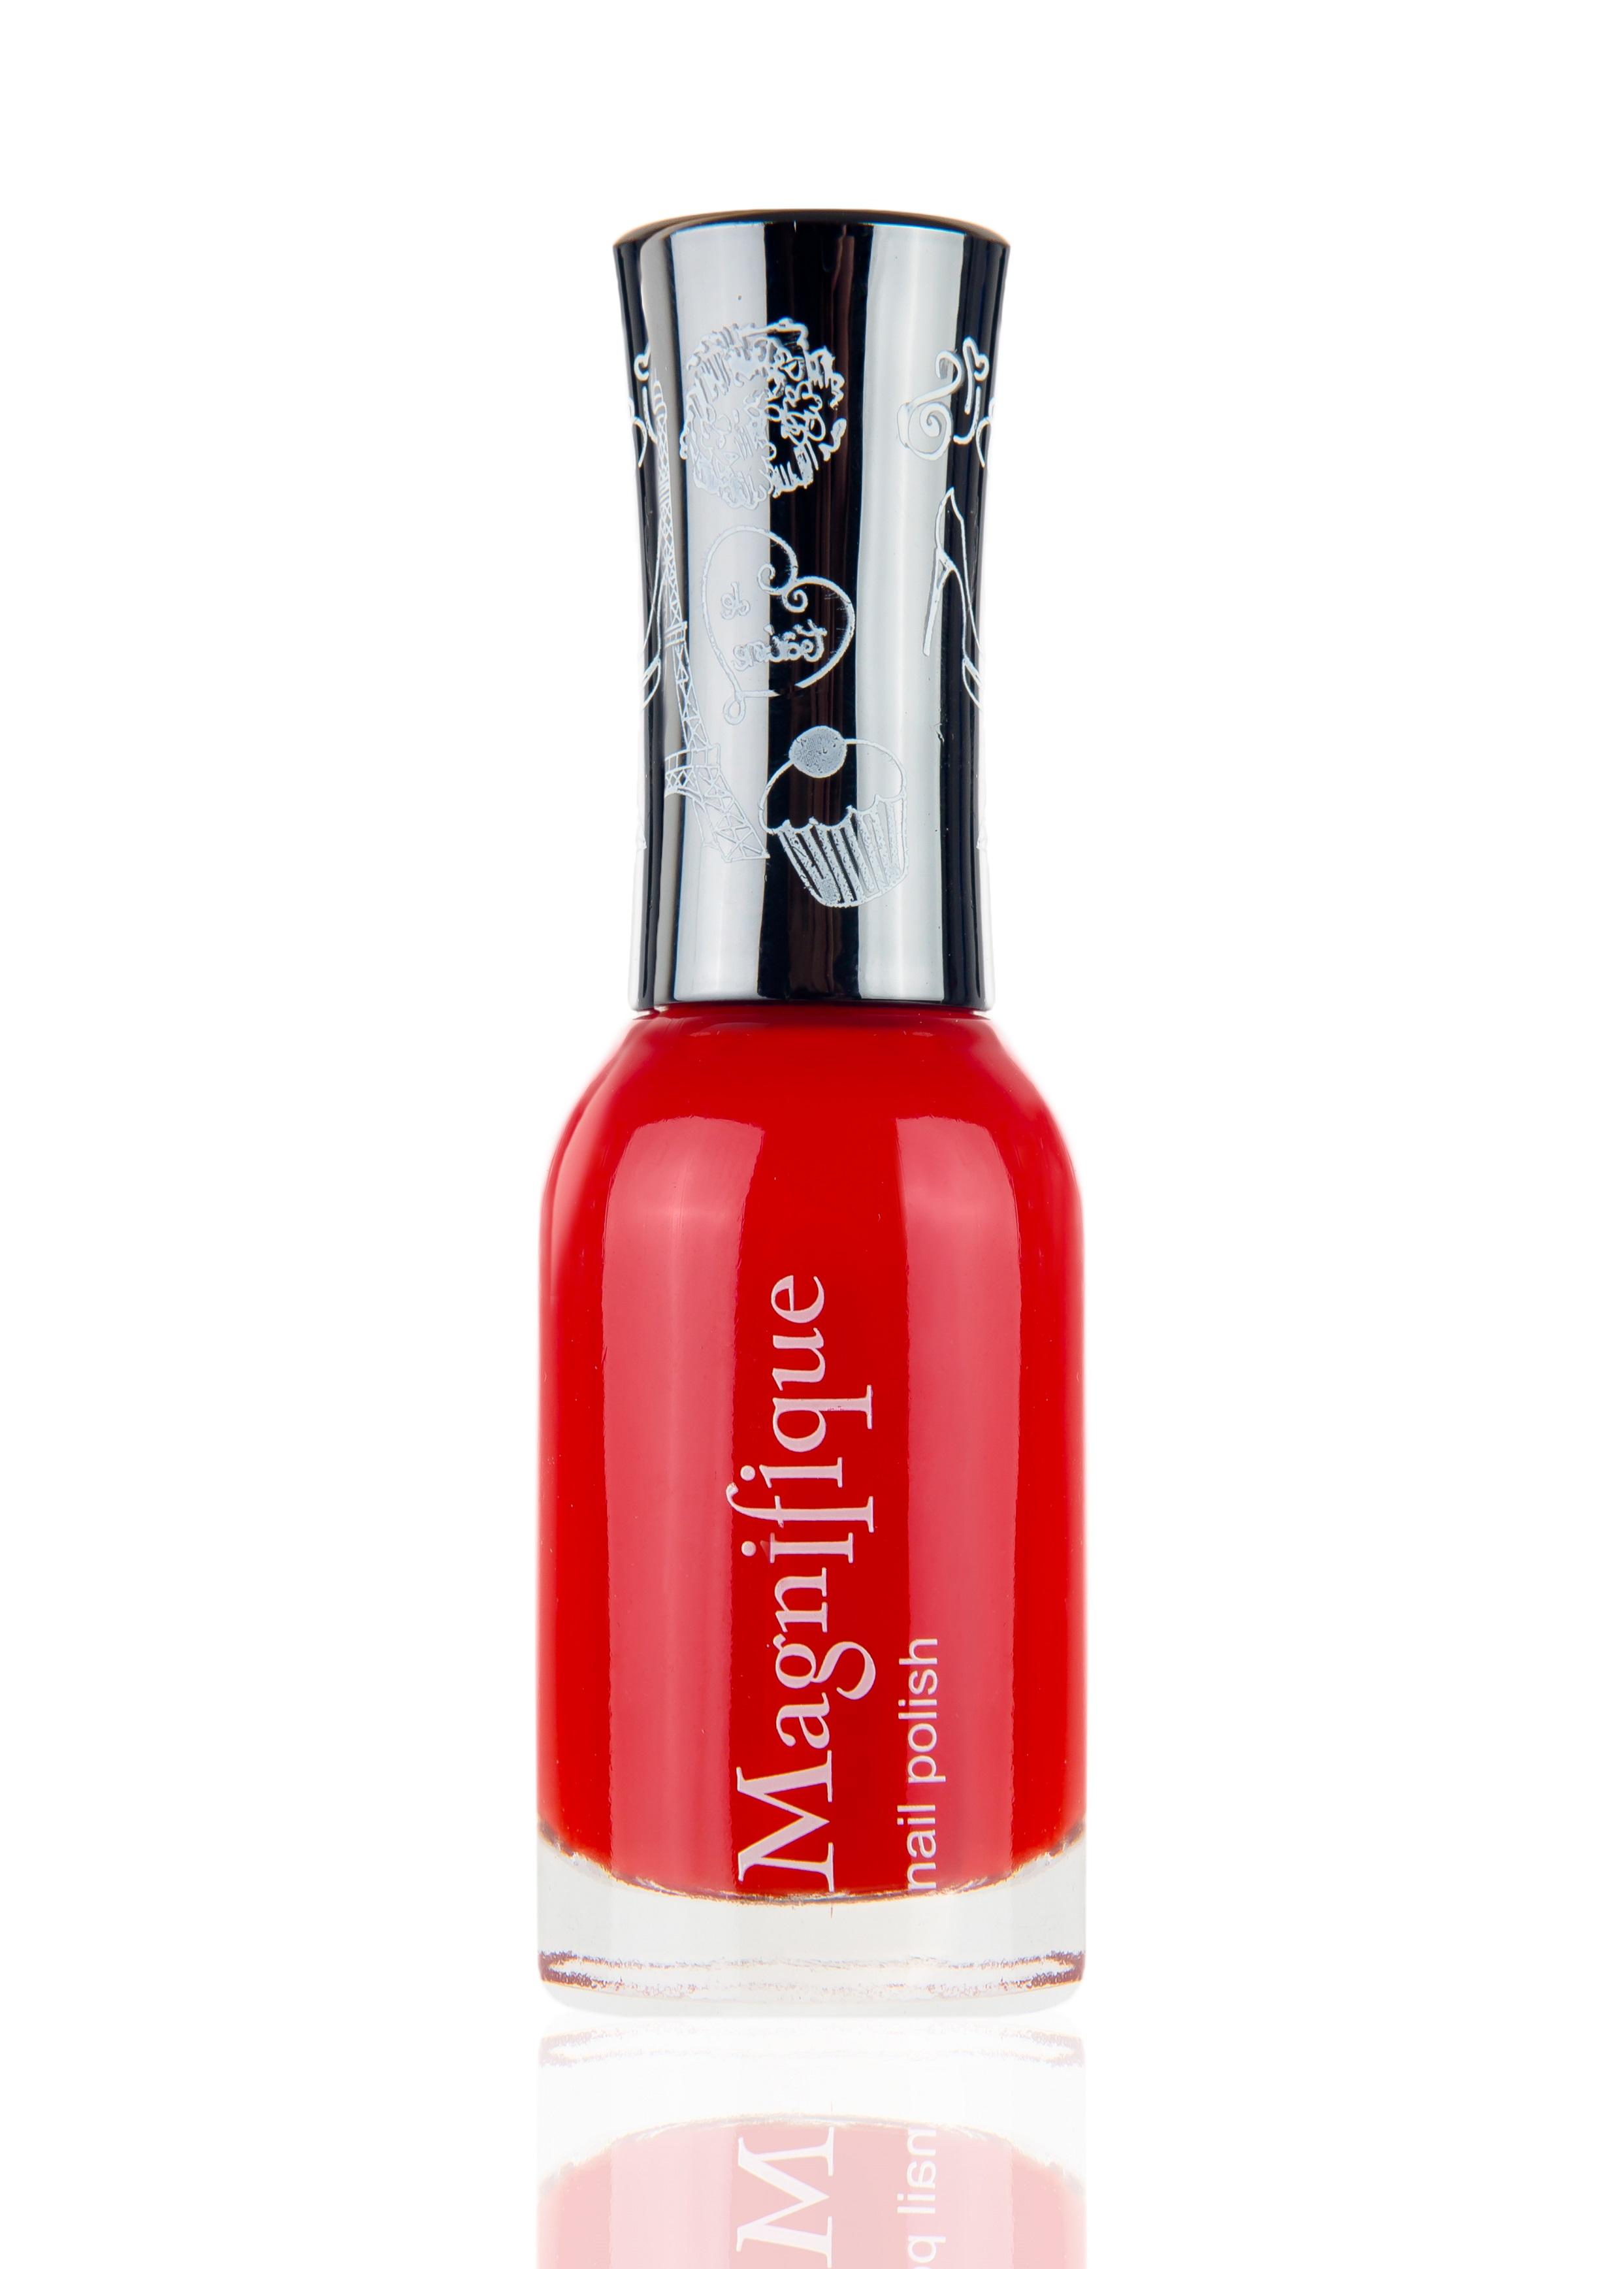 Купить AURELIA 122 лак для ногтей / Magnifique GEL effect 13 мл, Красные